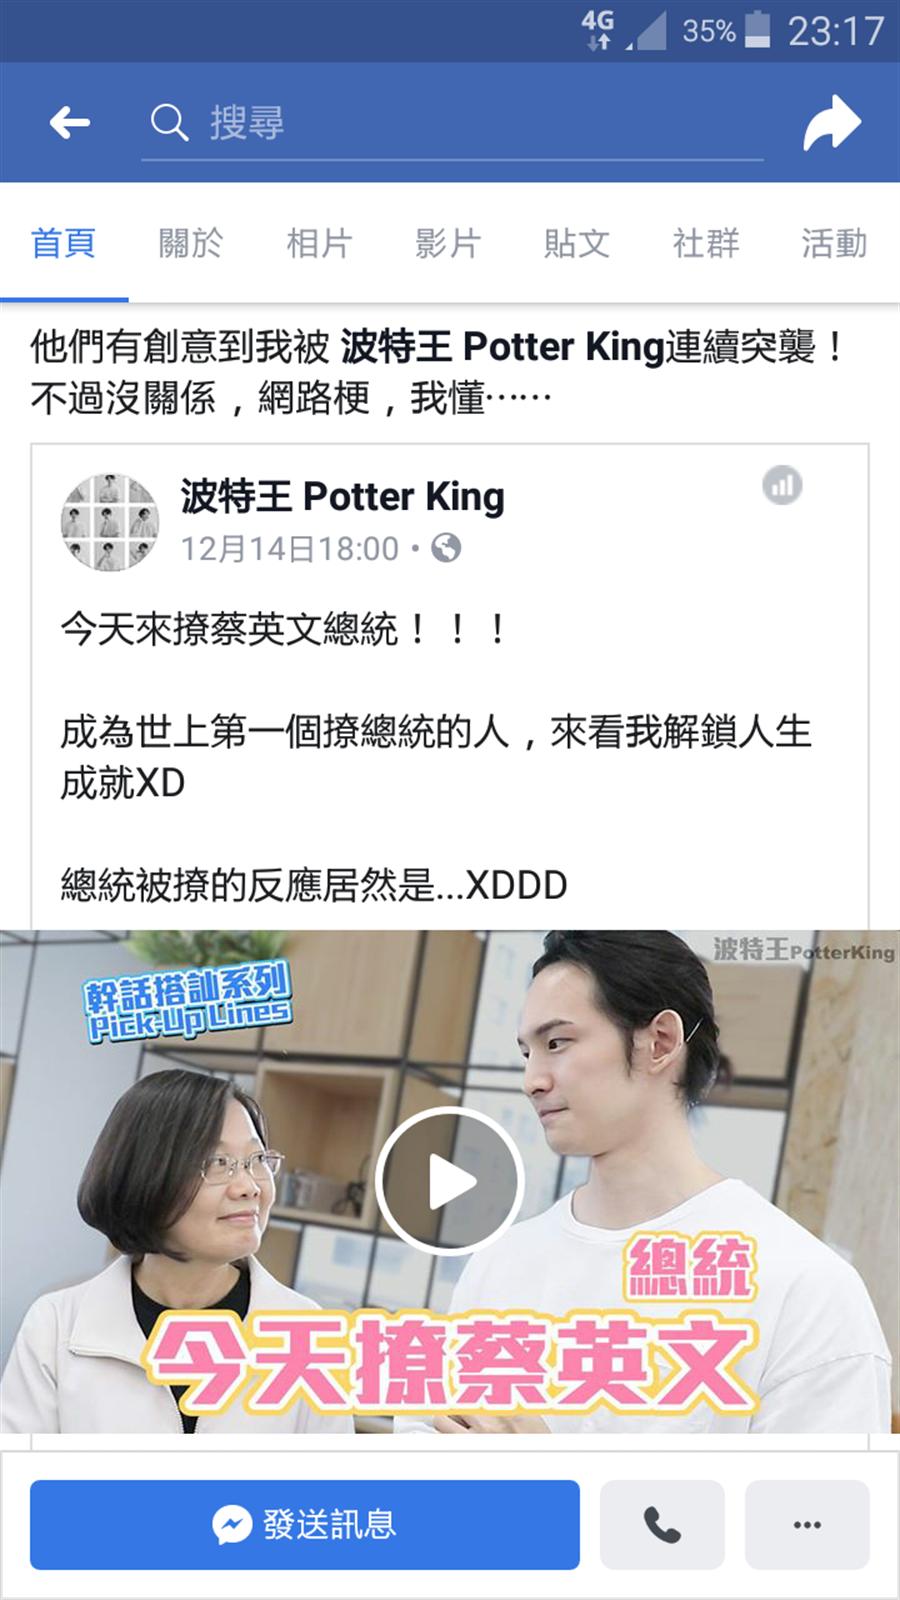 波特王的微博百萬粉絲被整鍋端走。圖:取自蔡英文臉書